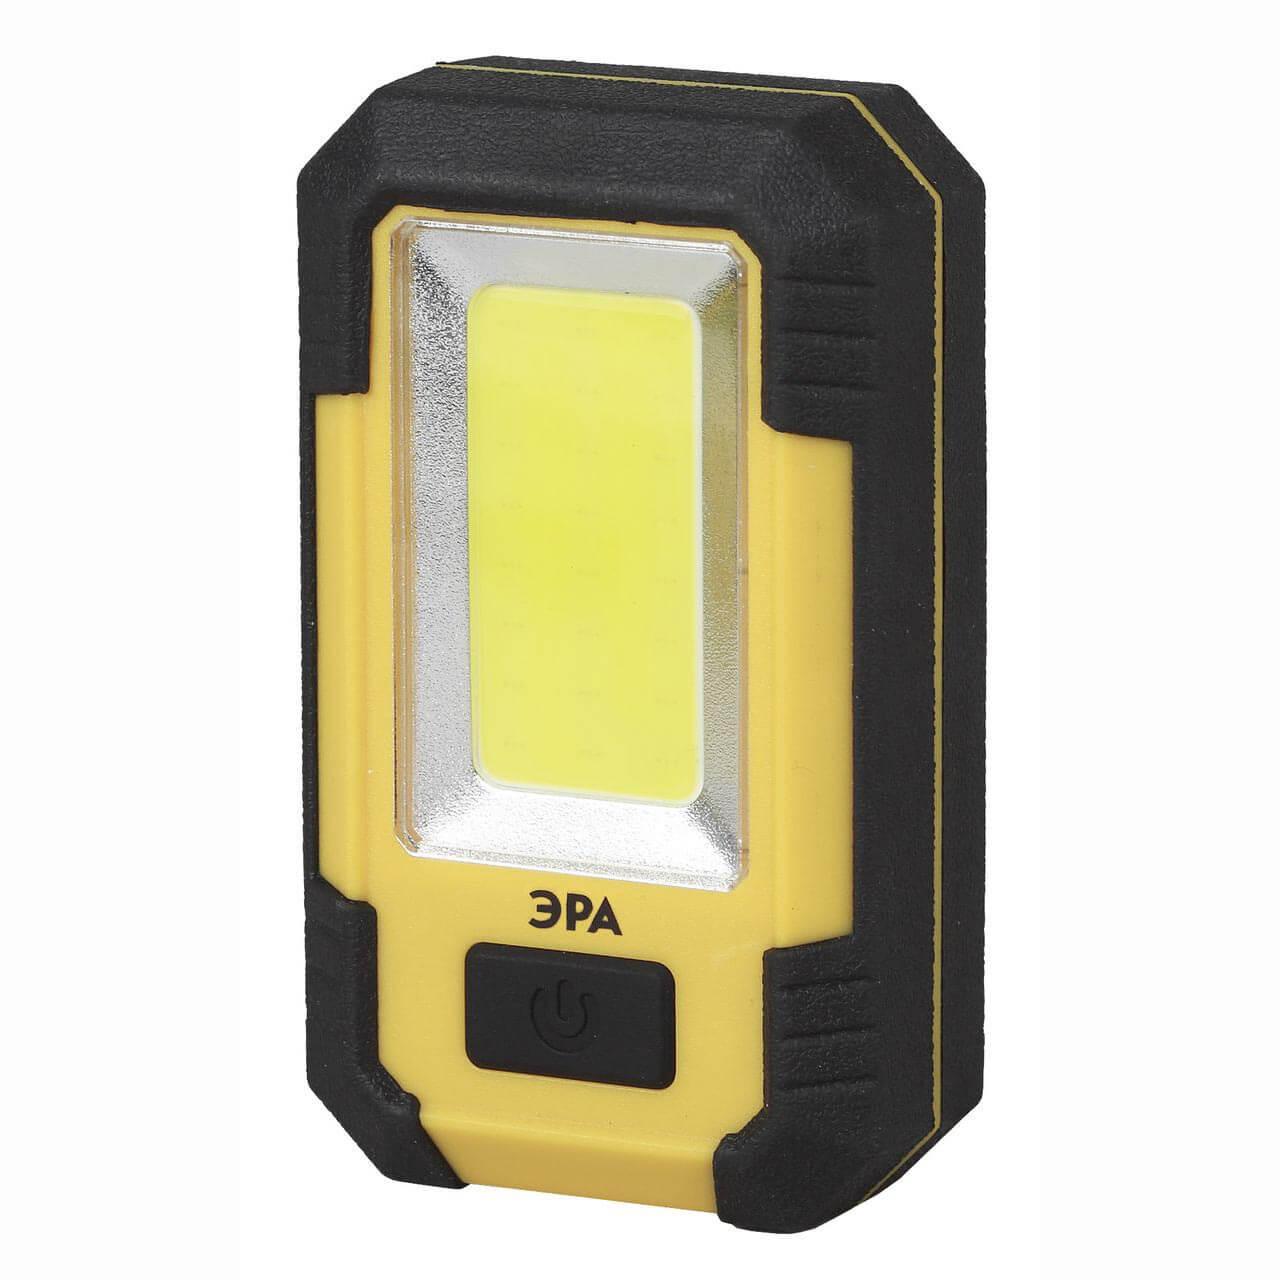 Фото - Фонарик ЭРА RA-801 Практик (USB зарядное устройство) фонарик эра va 801 usb зарядное устройство